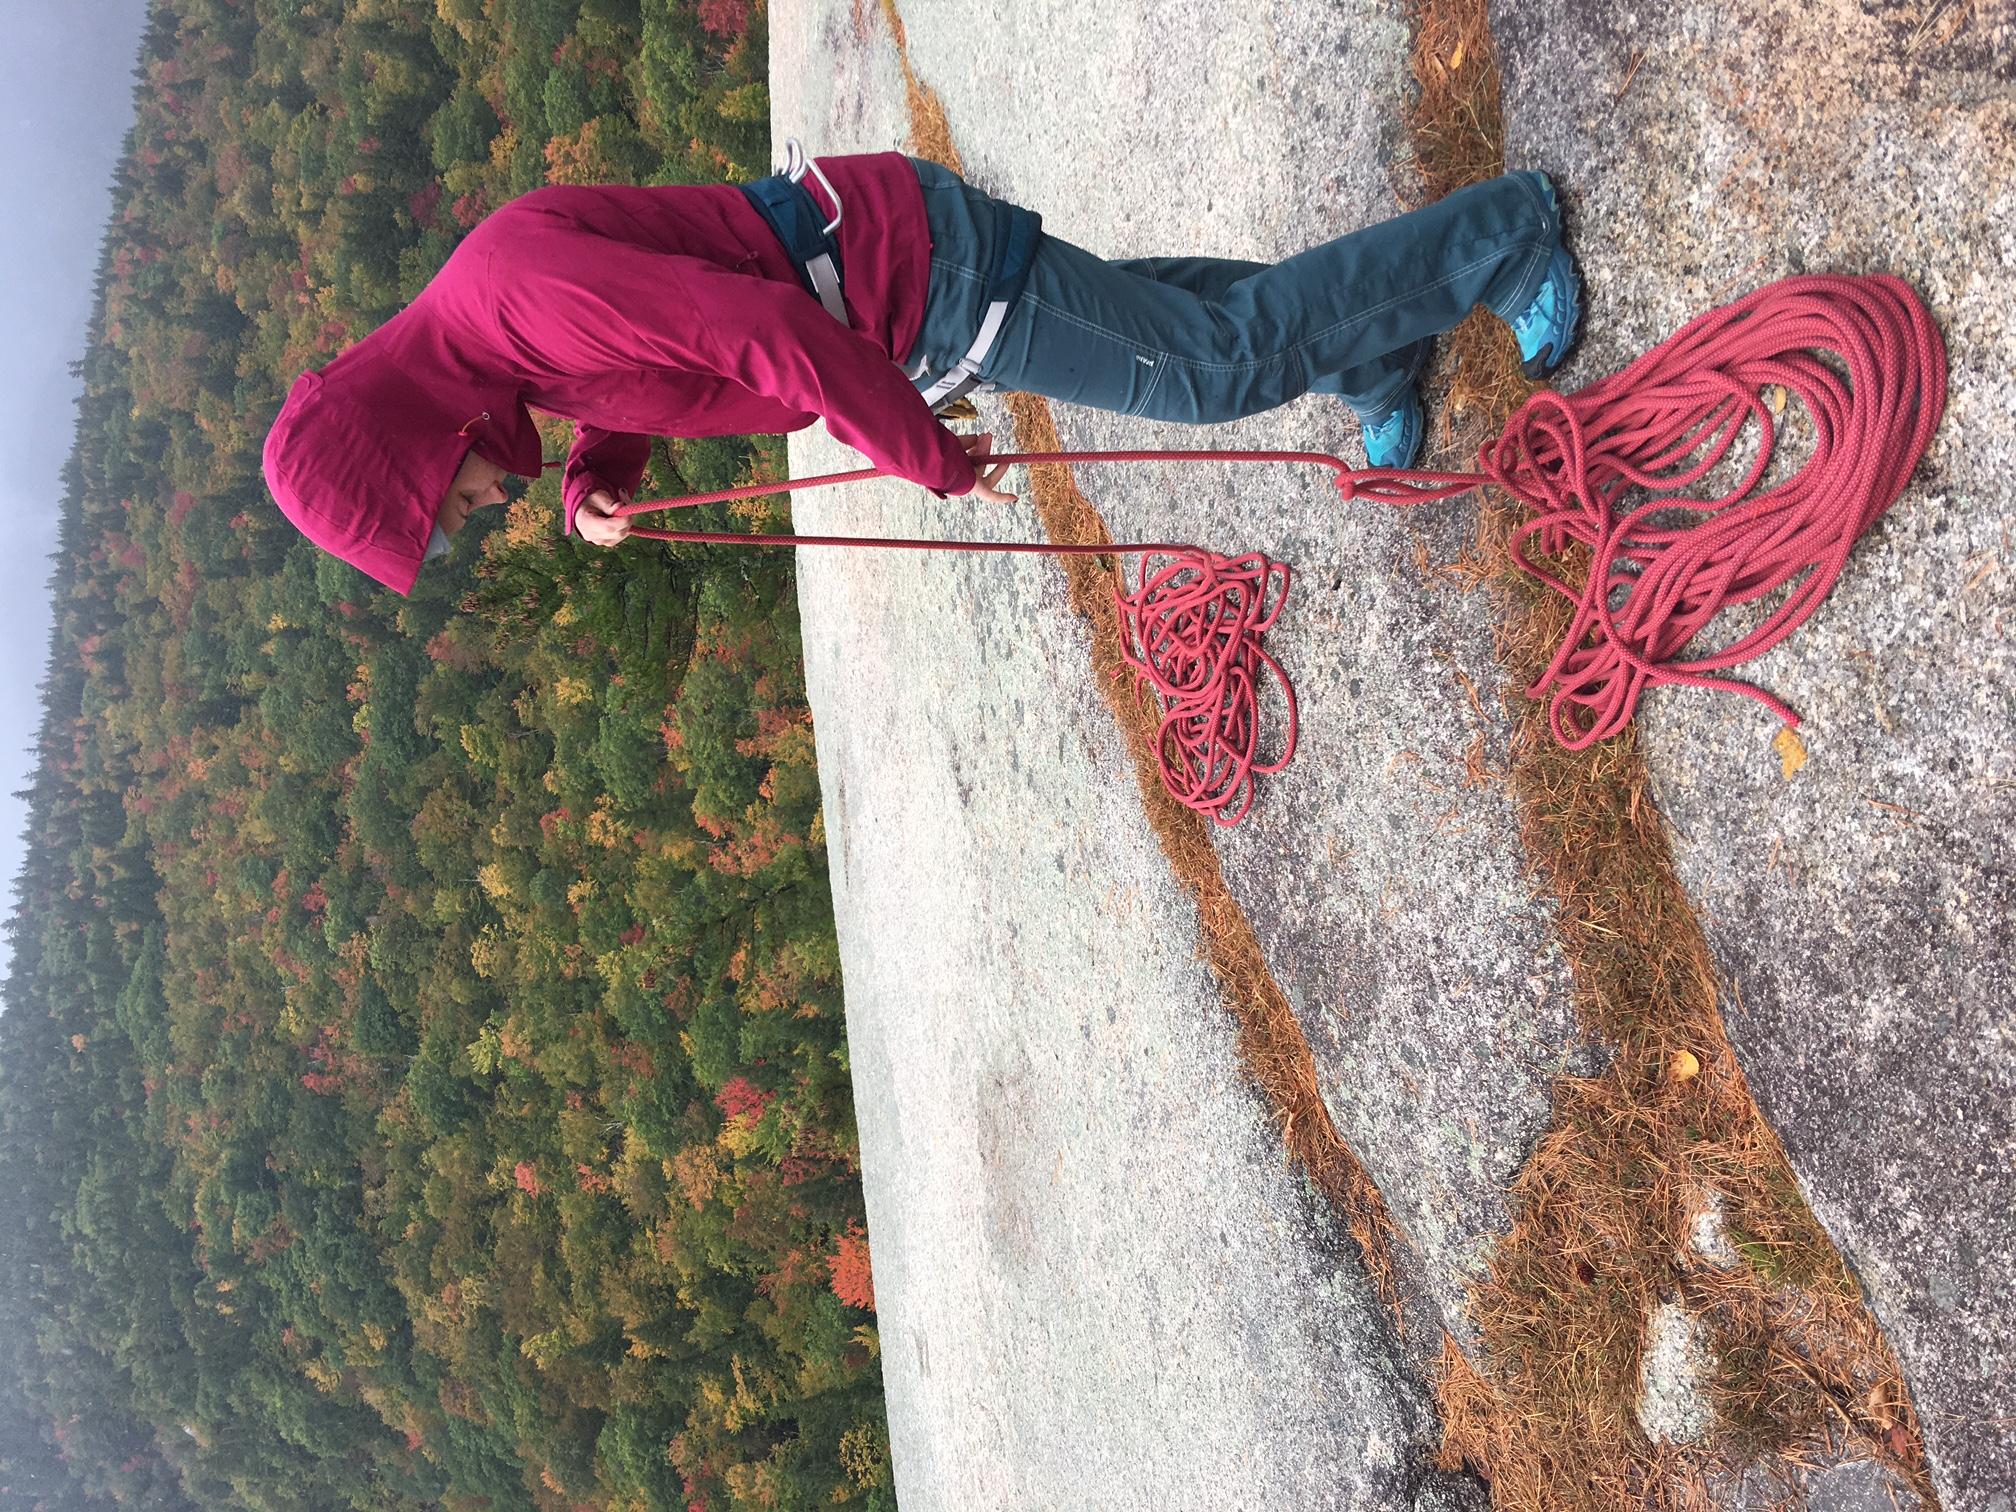 rock climbing self rescue